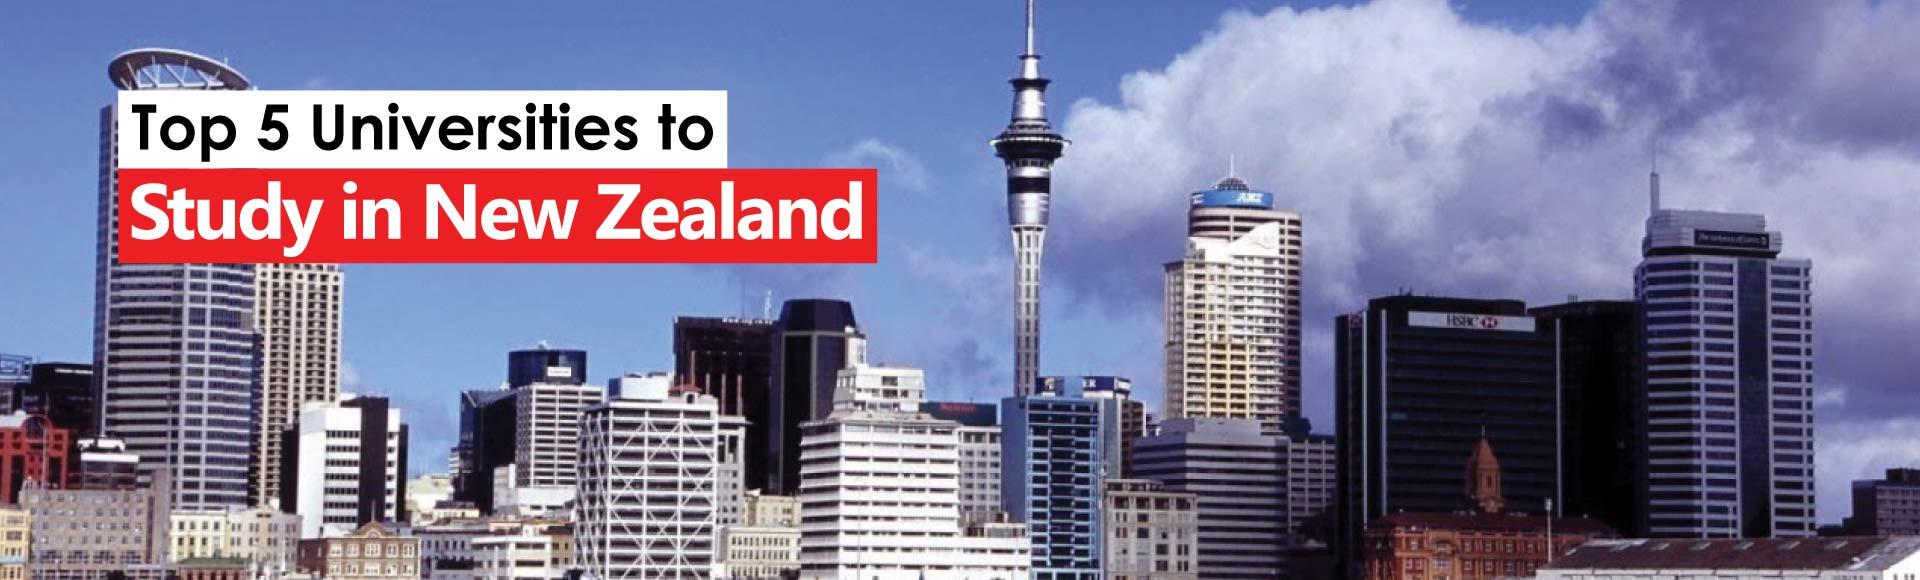 Top 5 Universities to Study in New Zealand